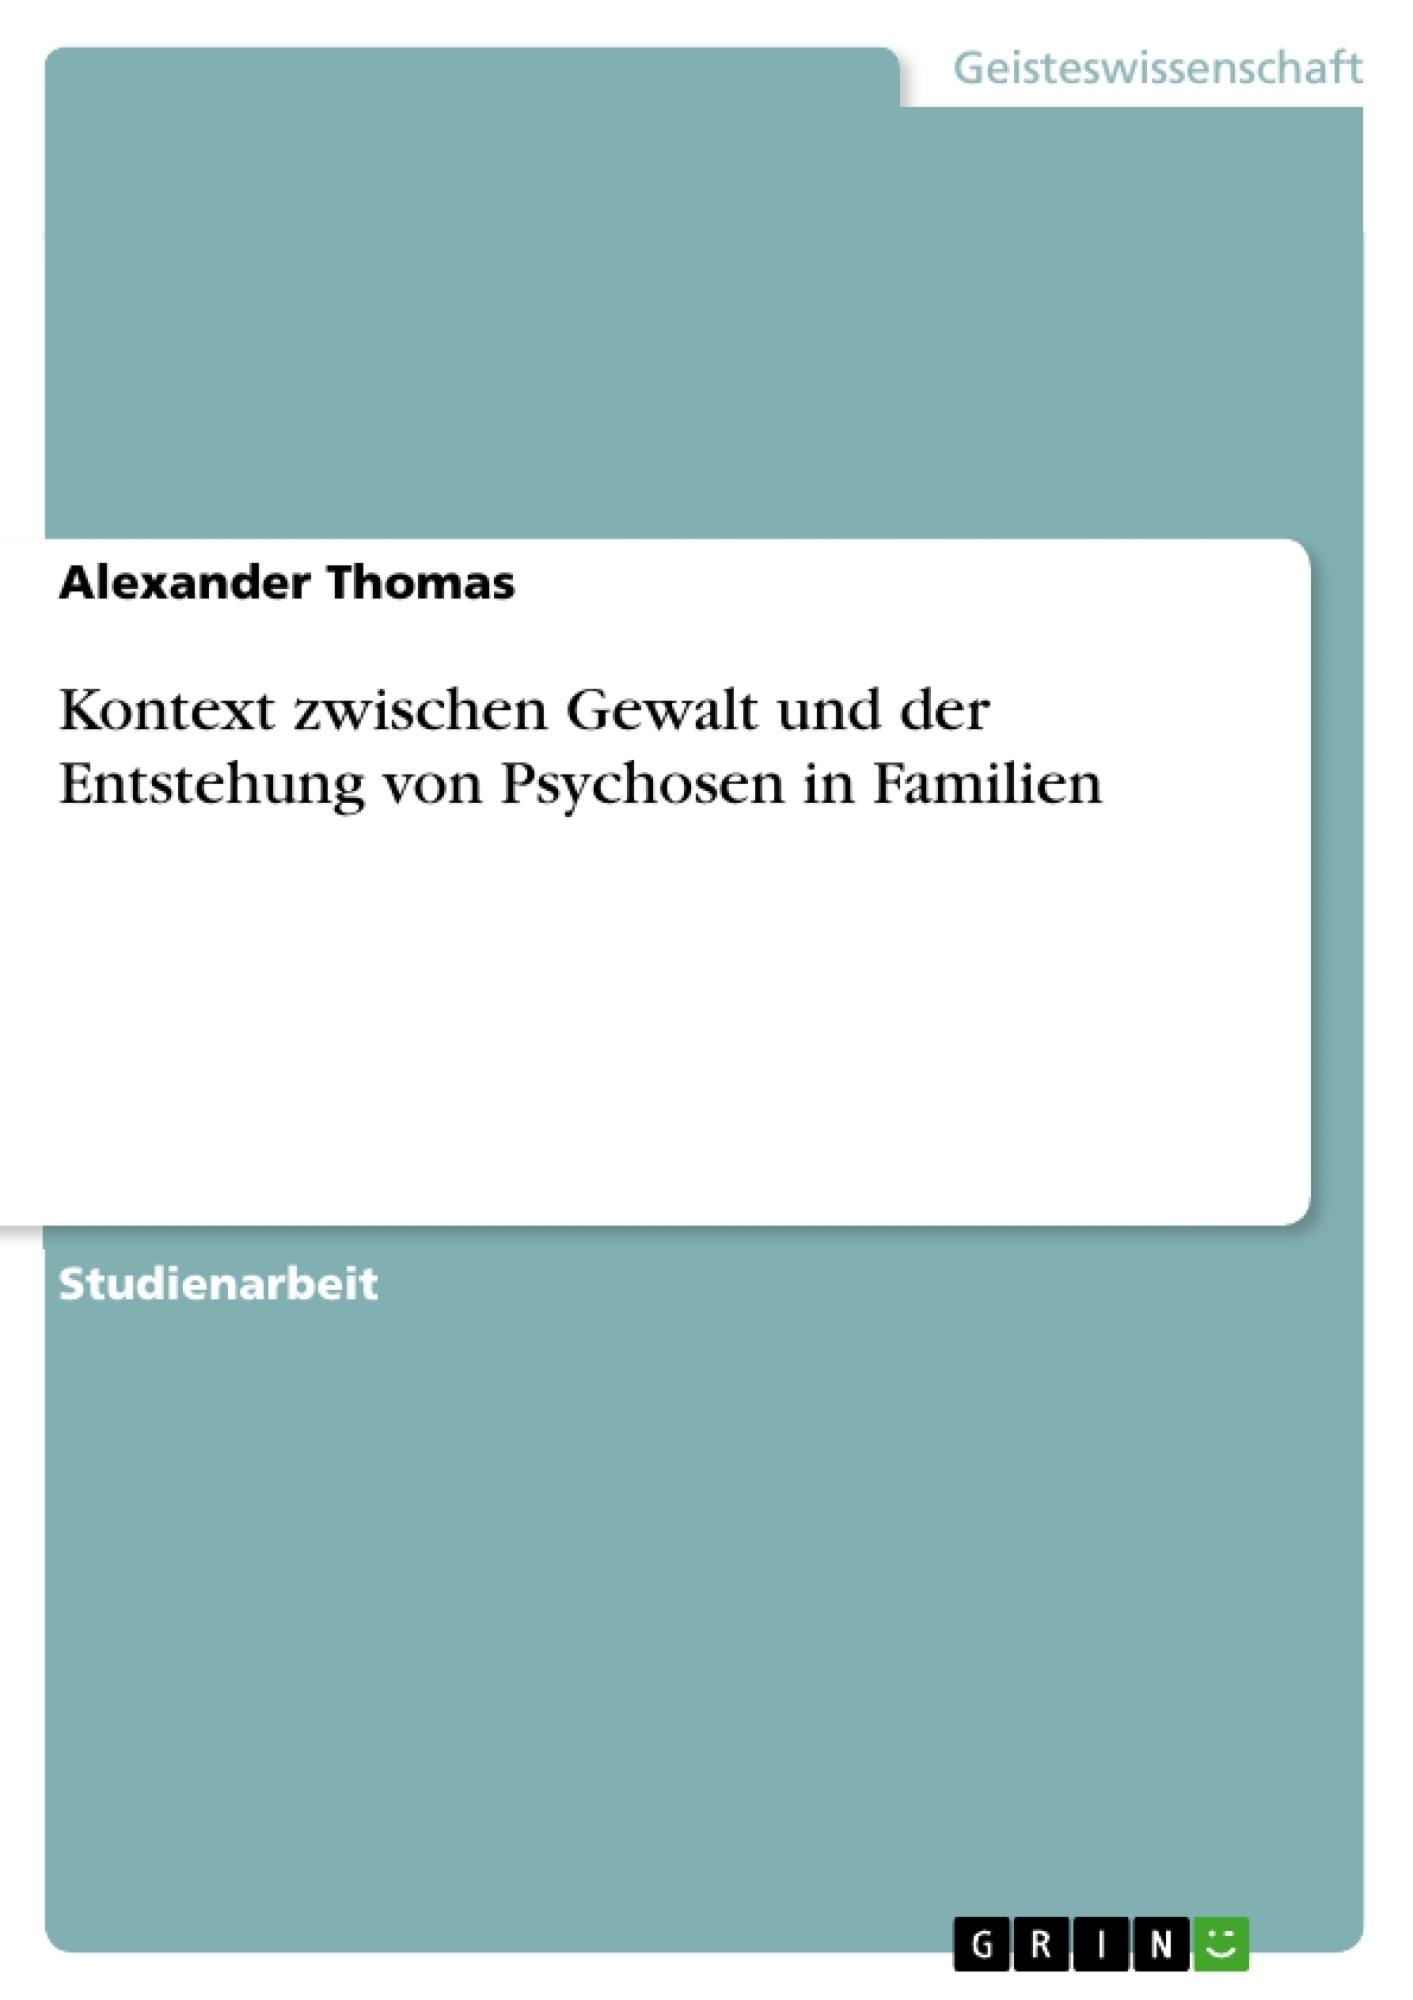 Titel: Kontext zwischen Gewalt und der Entstehung von Psychosen in Familien